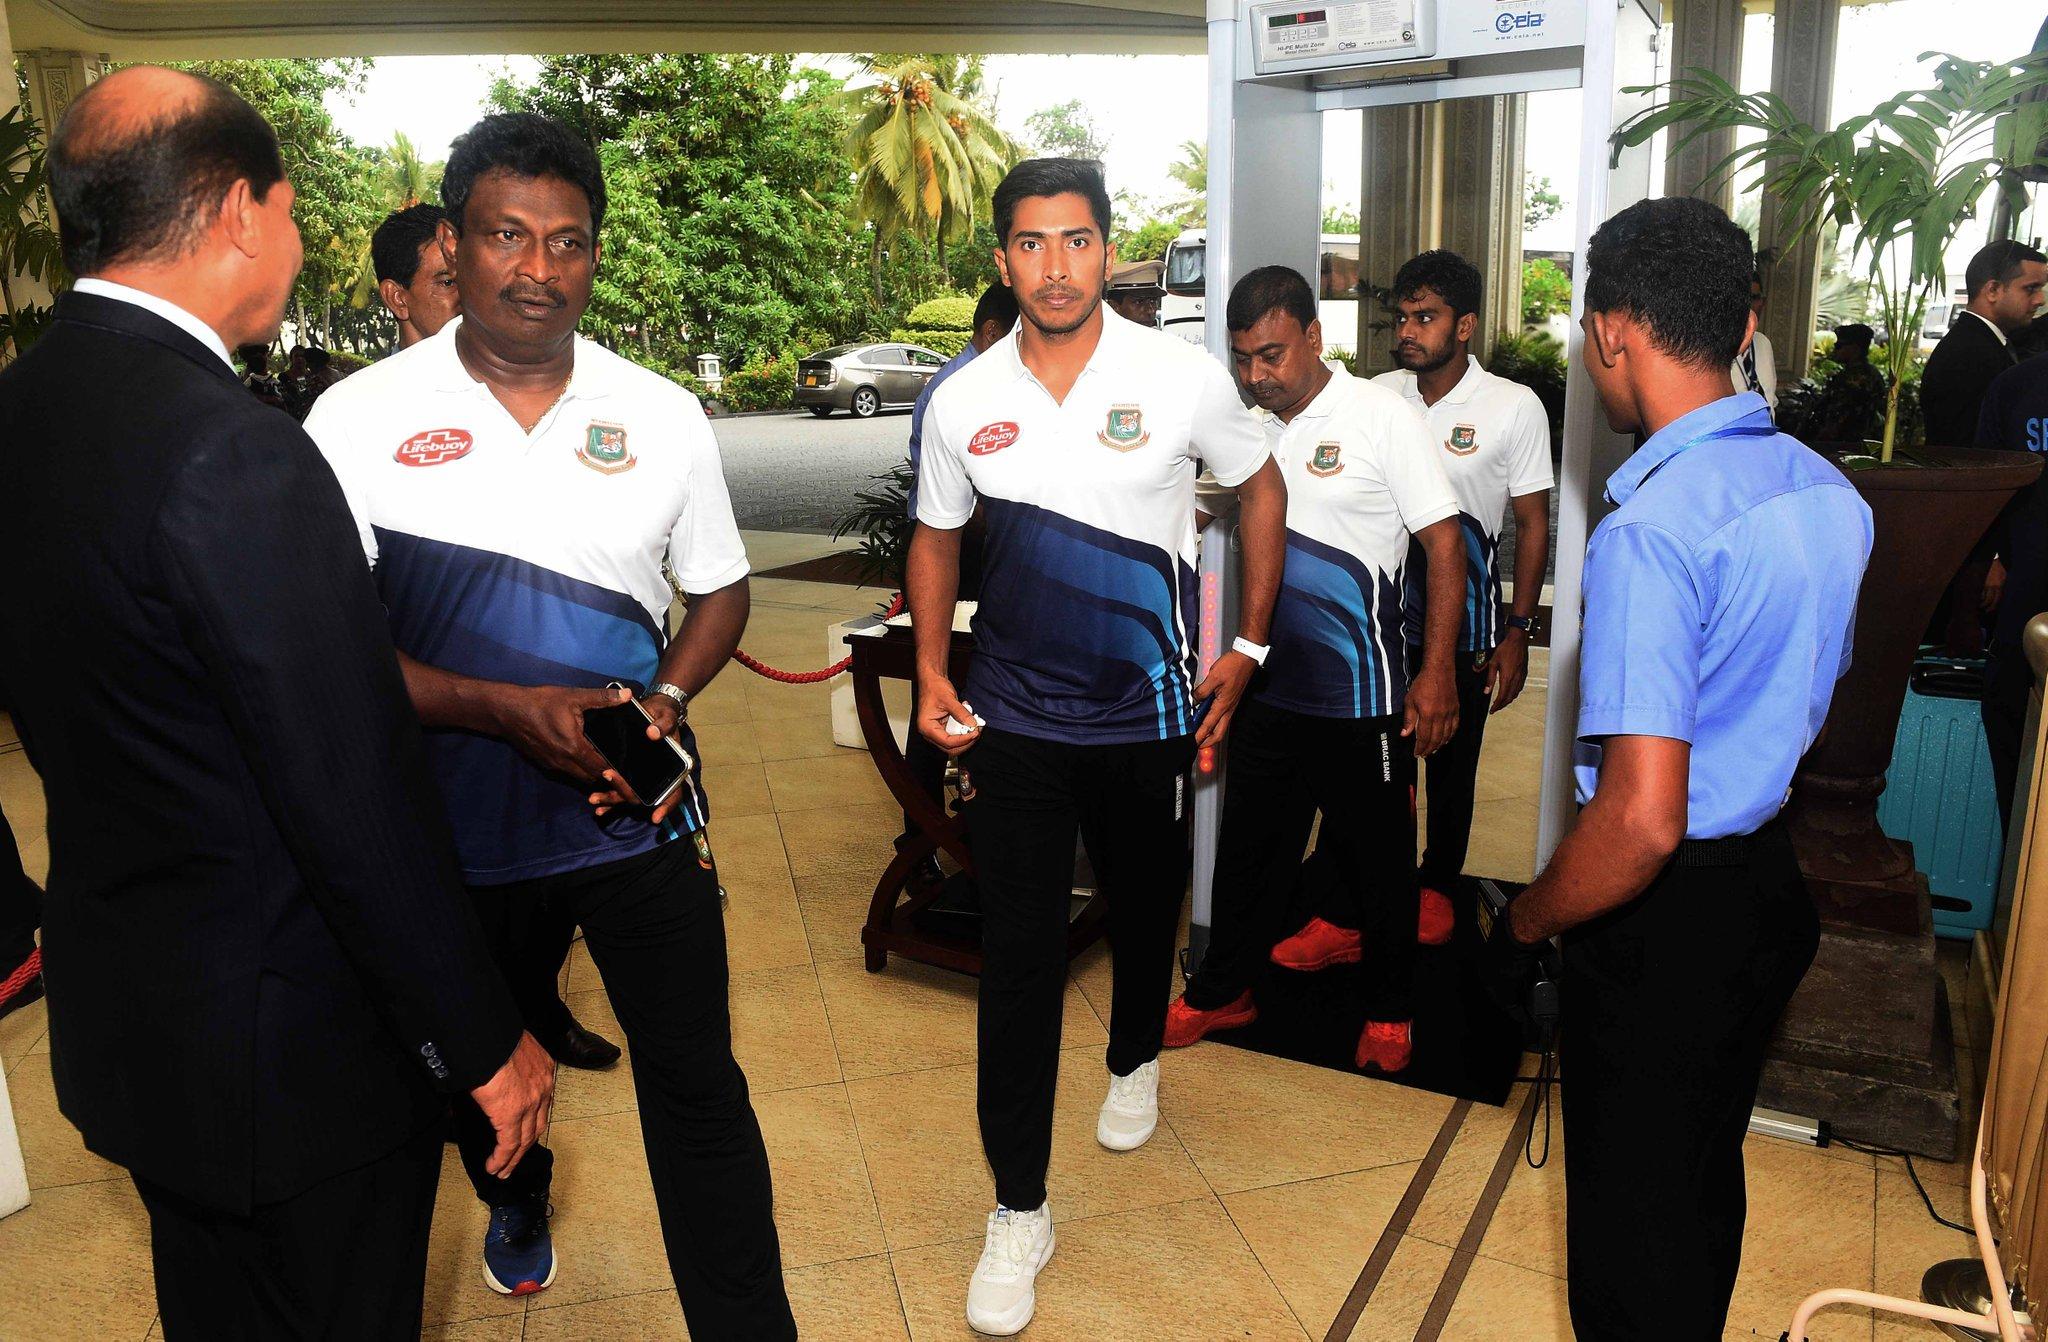 কড়া নিরাপত্তায় শ্রীলংকায় বাংলাদেশ ক্রিকেট দল